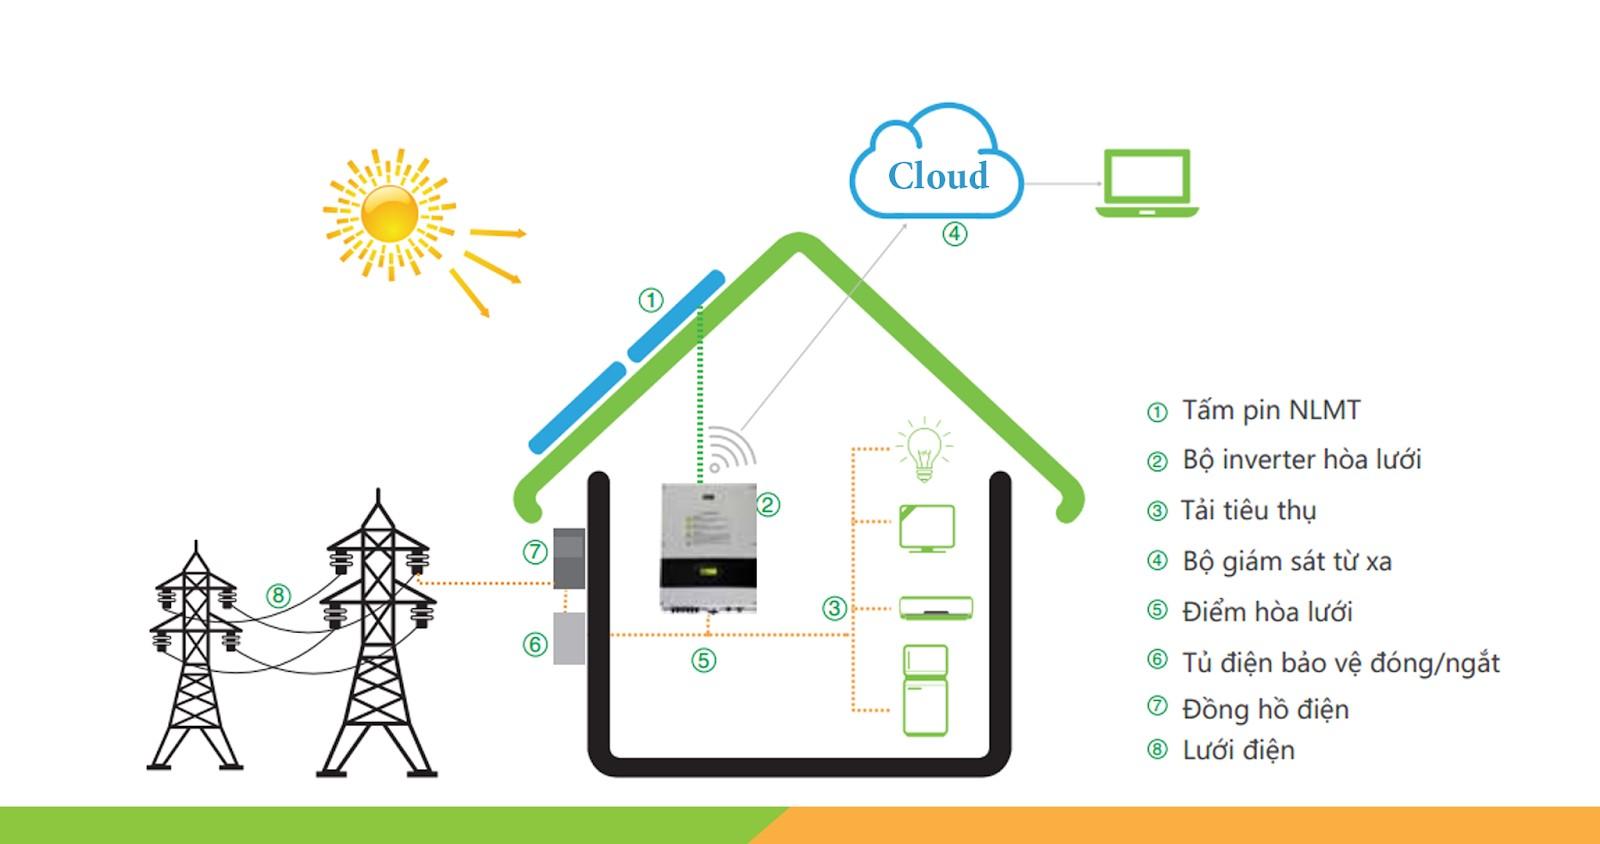 Hệ thống điện năng lượng mặt trời hòa lưới